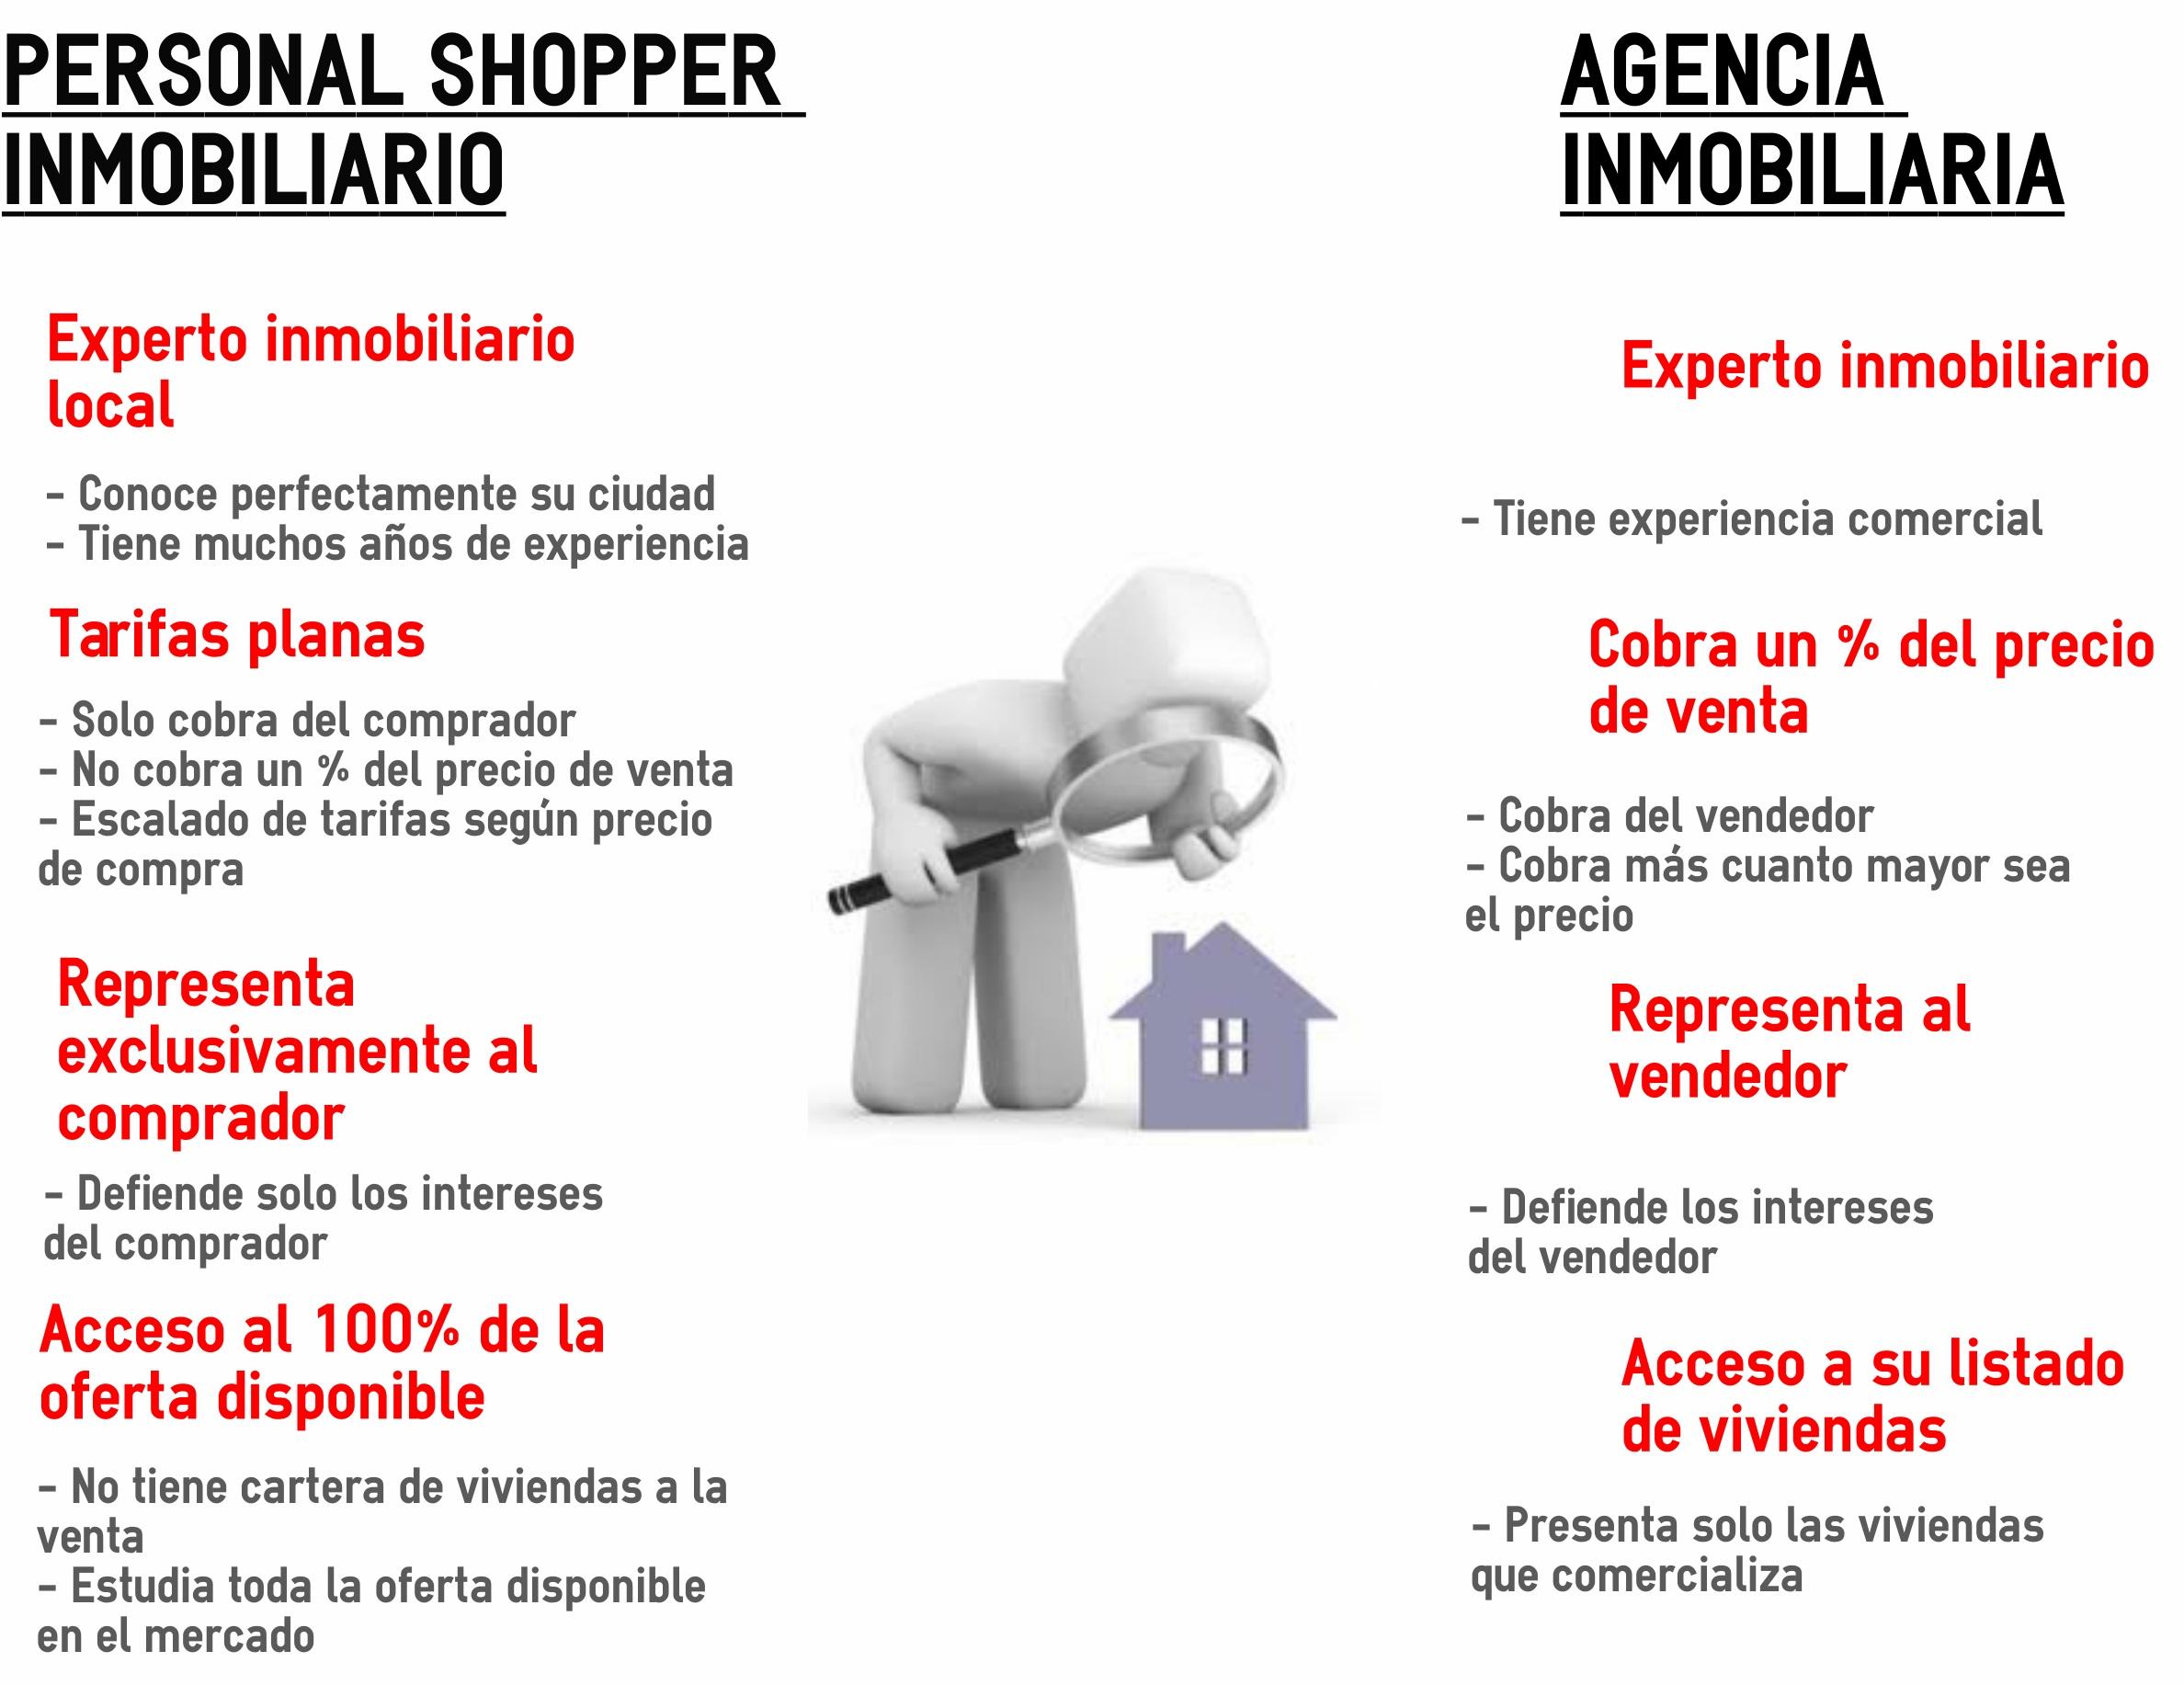 Personal Shopper Inmobiliario vs Agencia